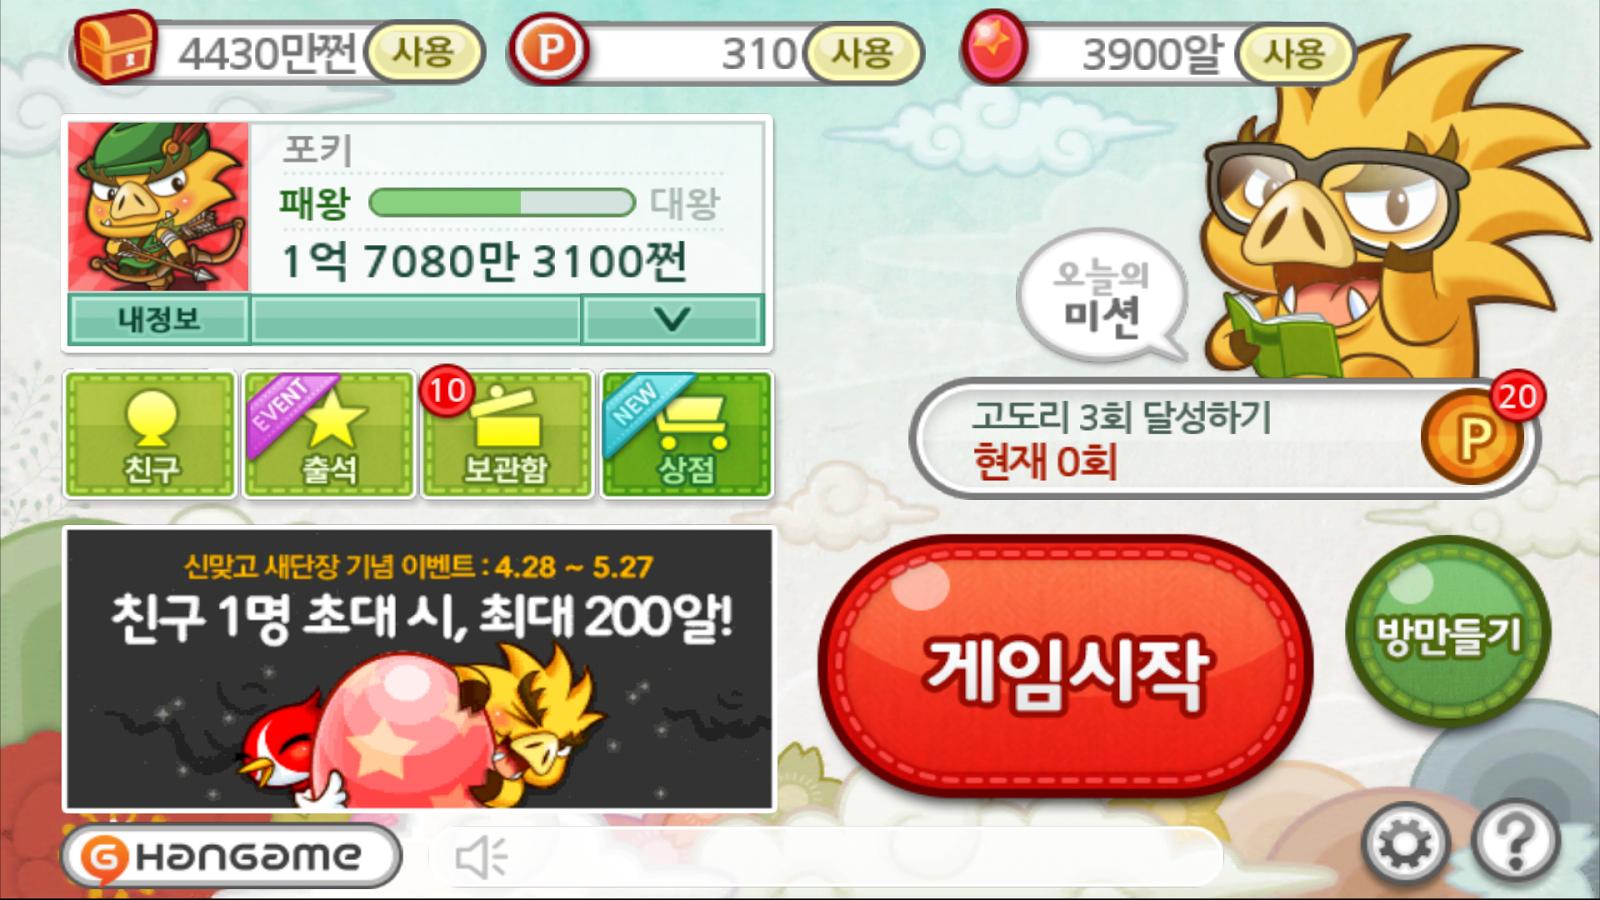 한게임 신맞고 - Dual Gostop, Hangame - screenshot